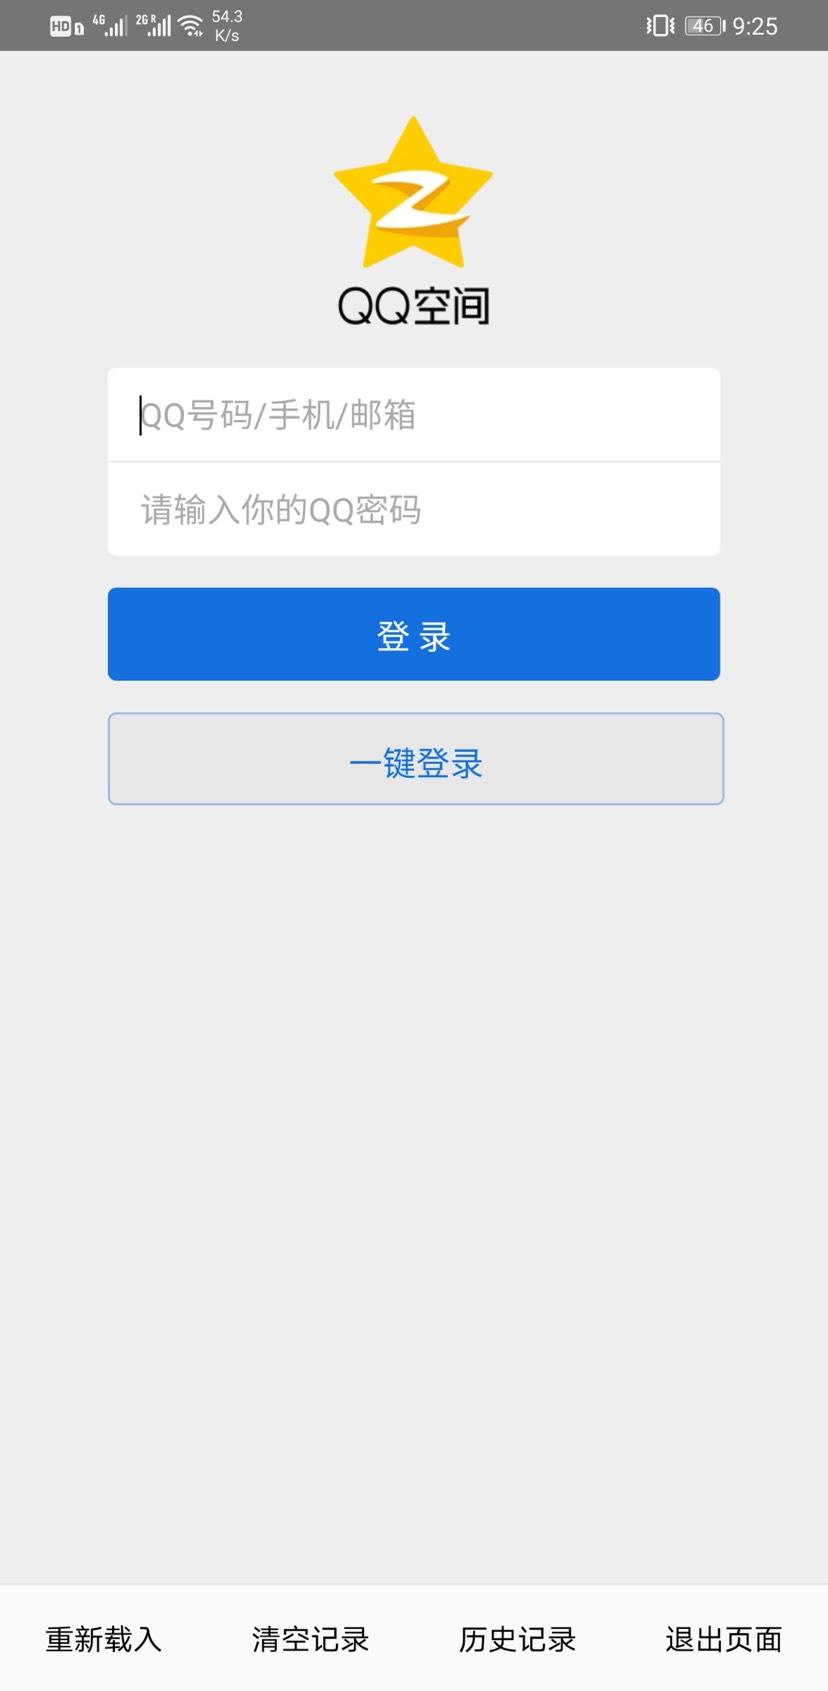 【分享】QQ签到1.0每天可以一键签到QQ20种左右需要签到的功